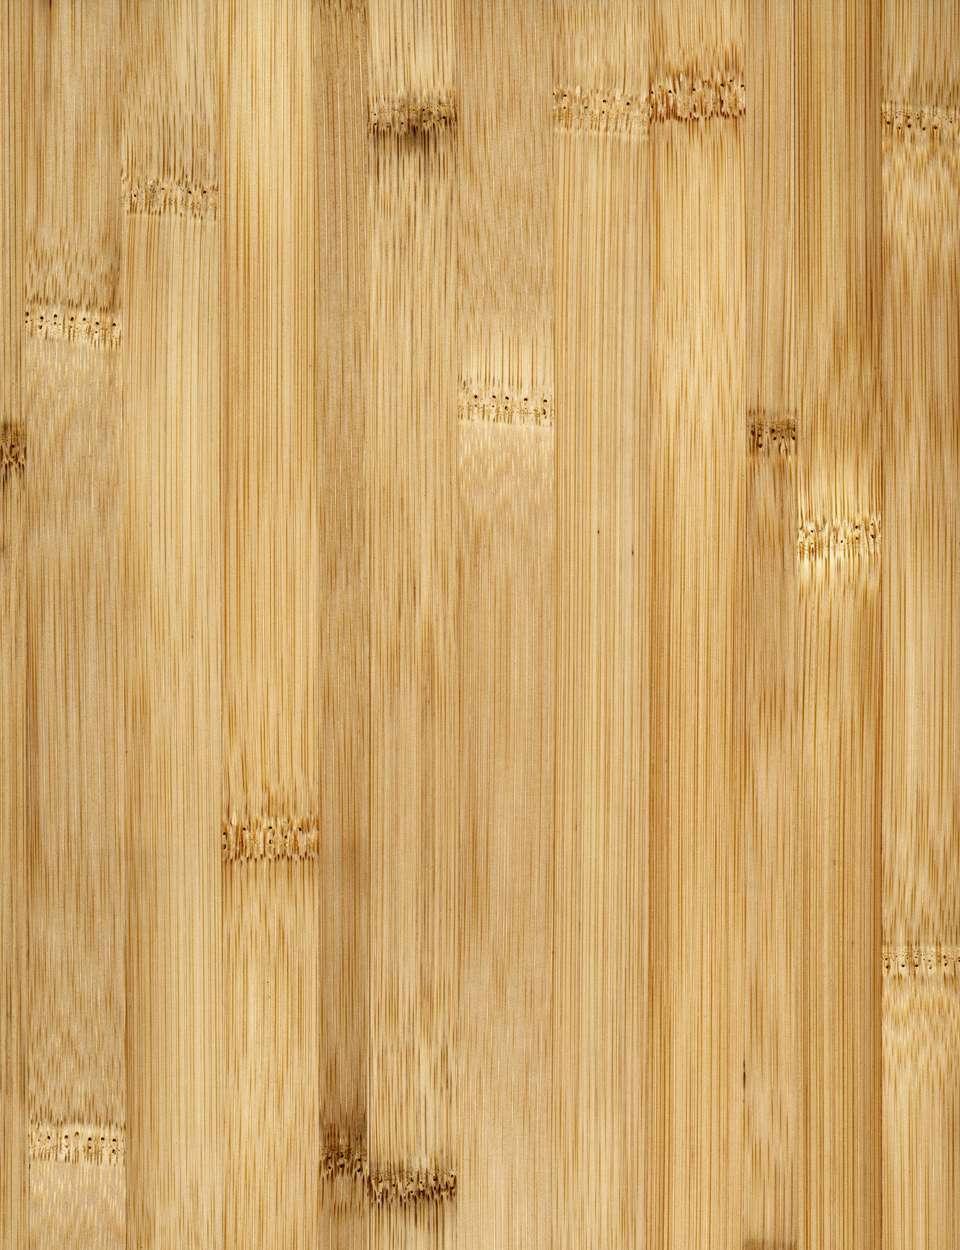 Bamboo floor, full frame